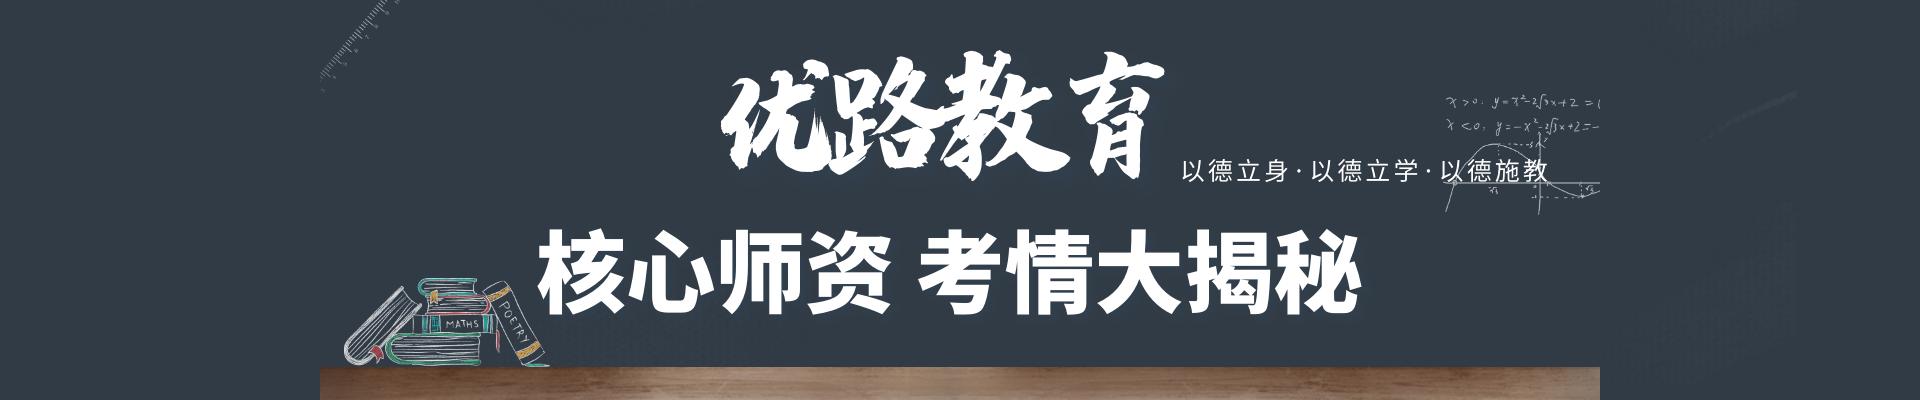 福建南平优路教育培训学校